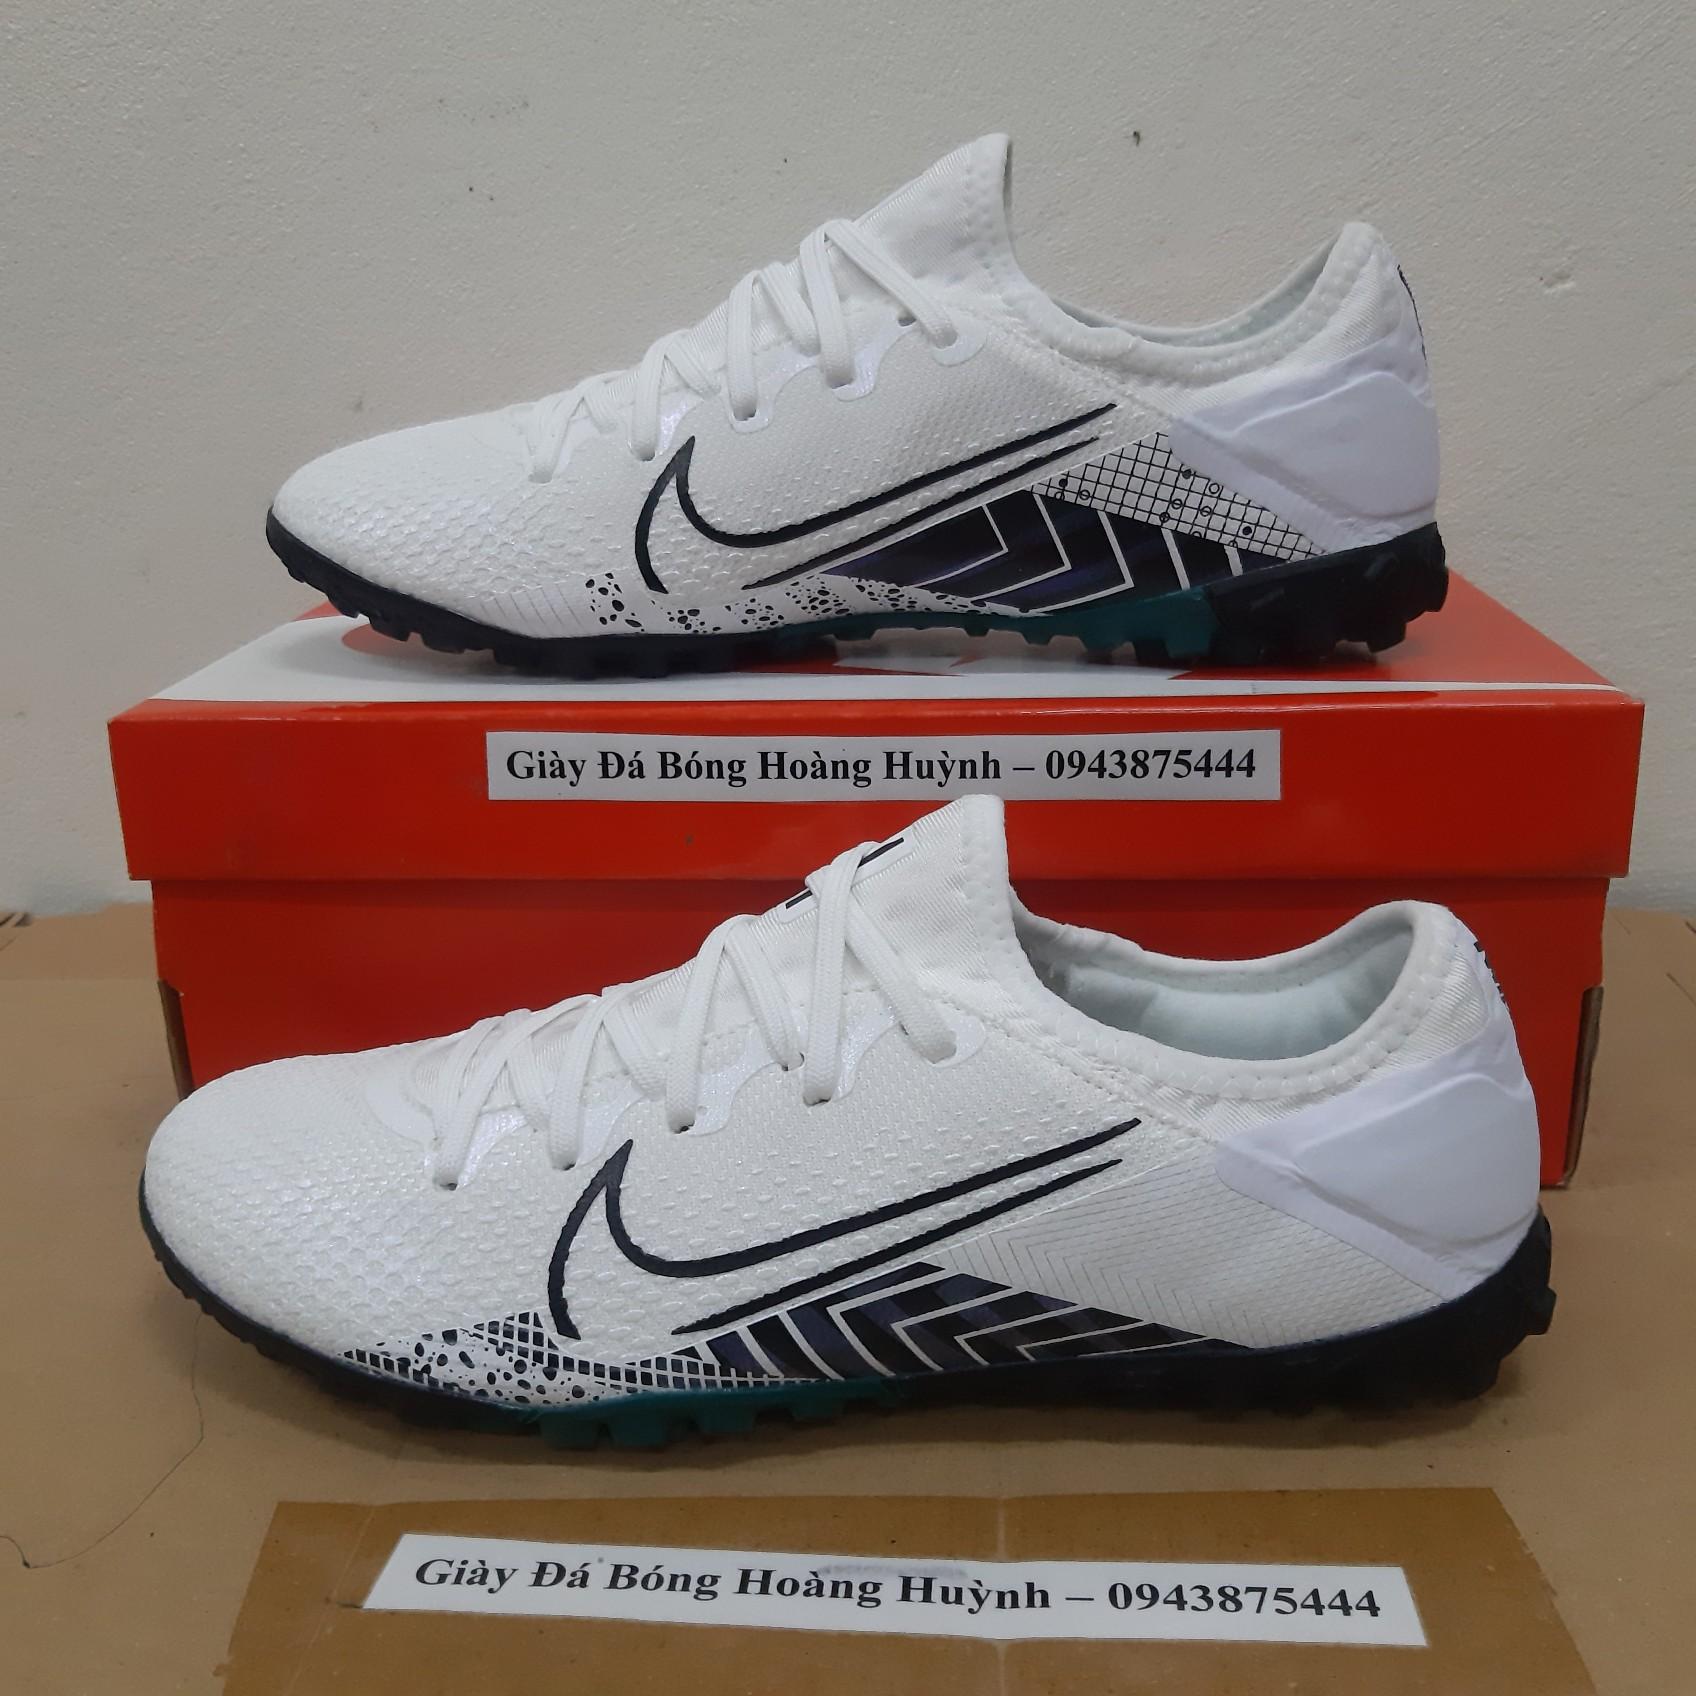 Giày đá bóng Nike Vapor 13 Pro TF